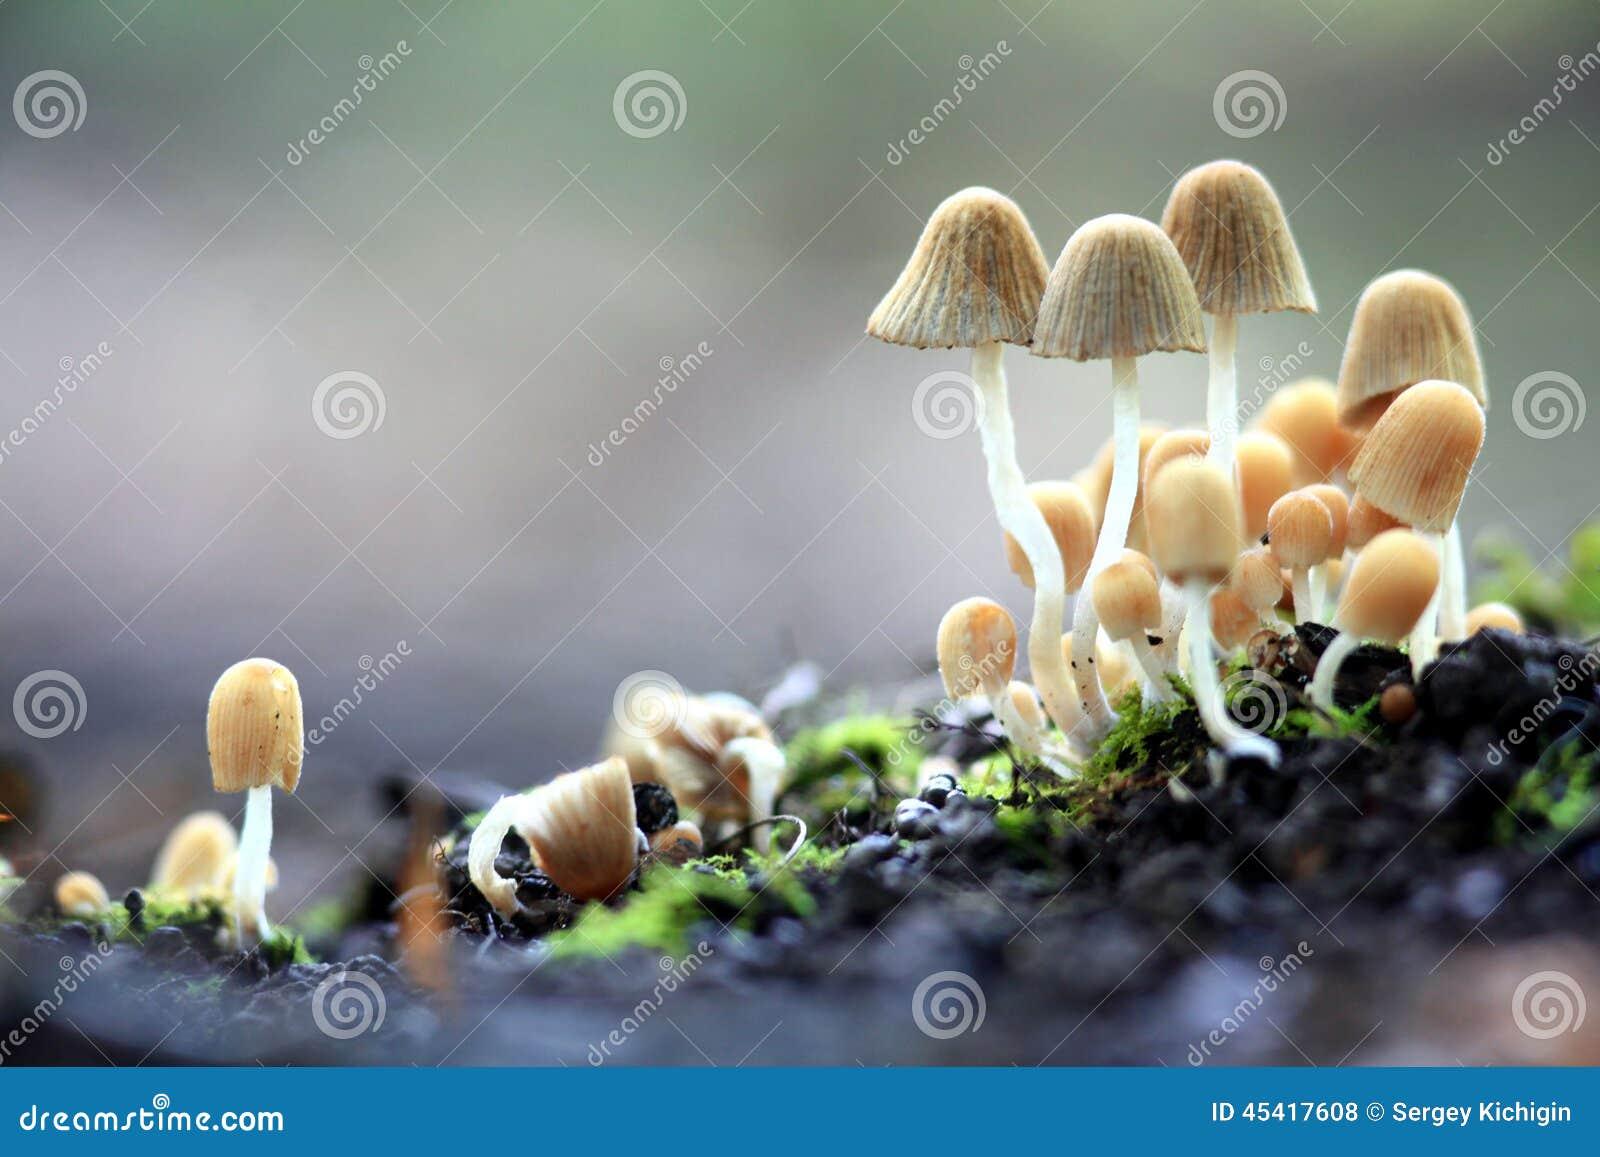 Kleine Pilzgiftpilze tot gefährlich